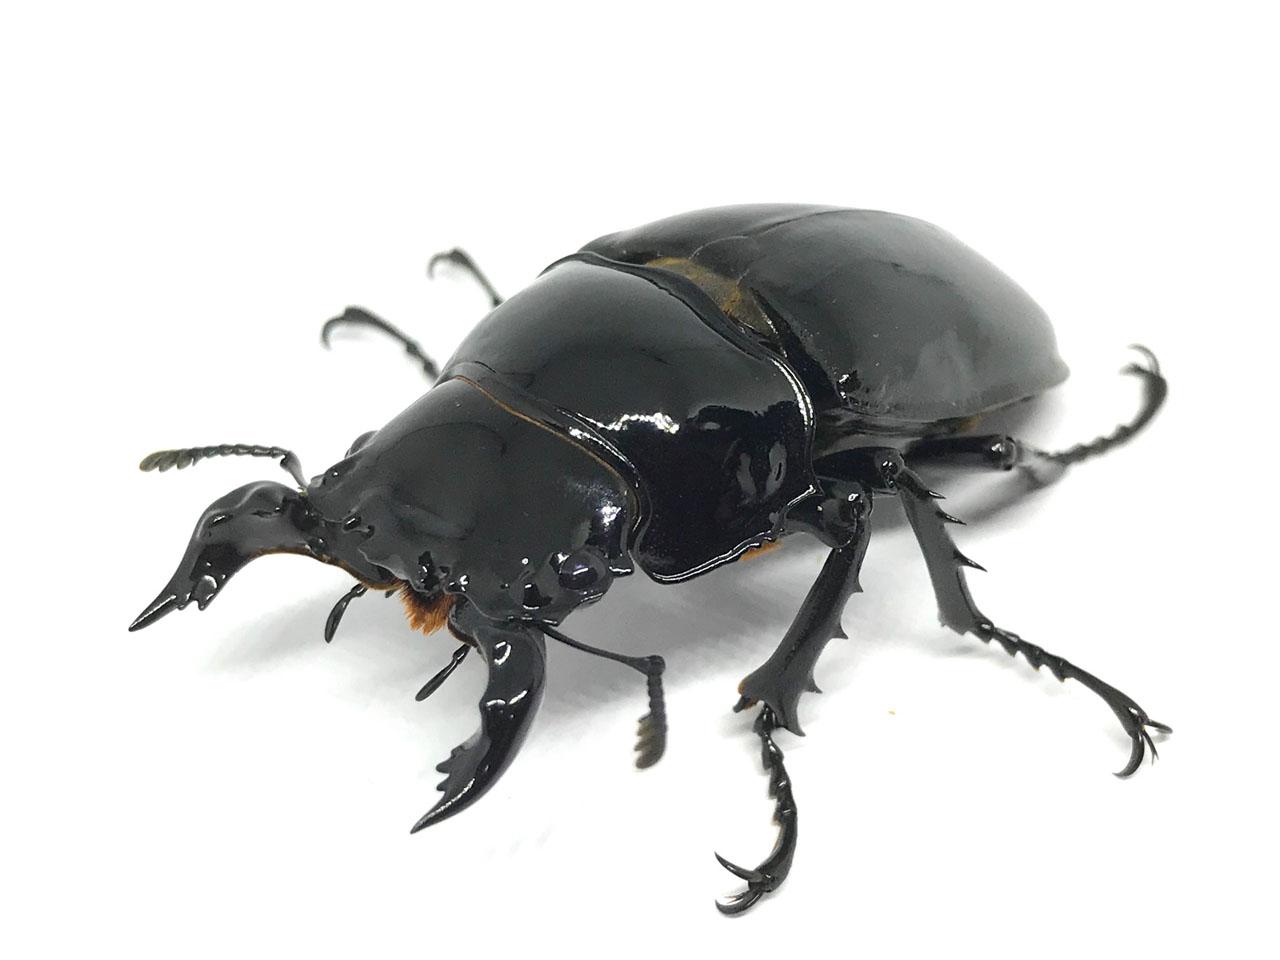 クワガタ タランドゥス オオ ツヤ タランドゥスオオツヤクワガタ幼虫潰し・卵腐る